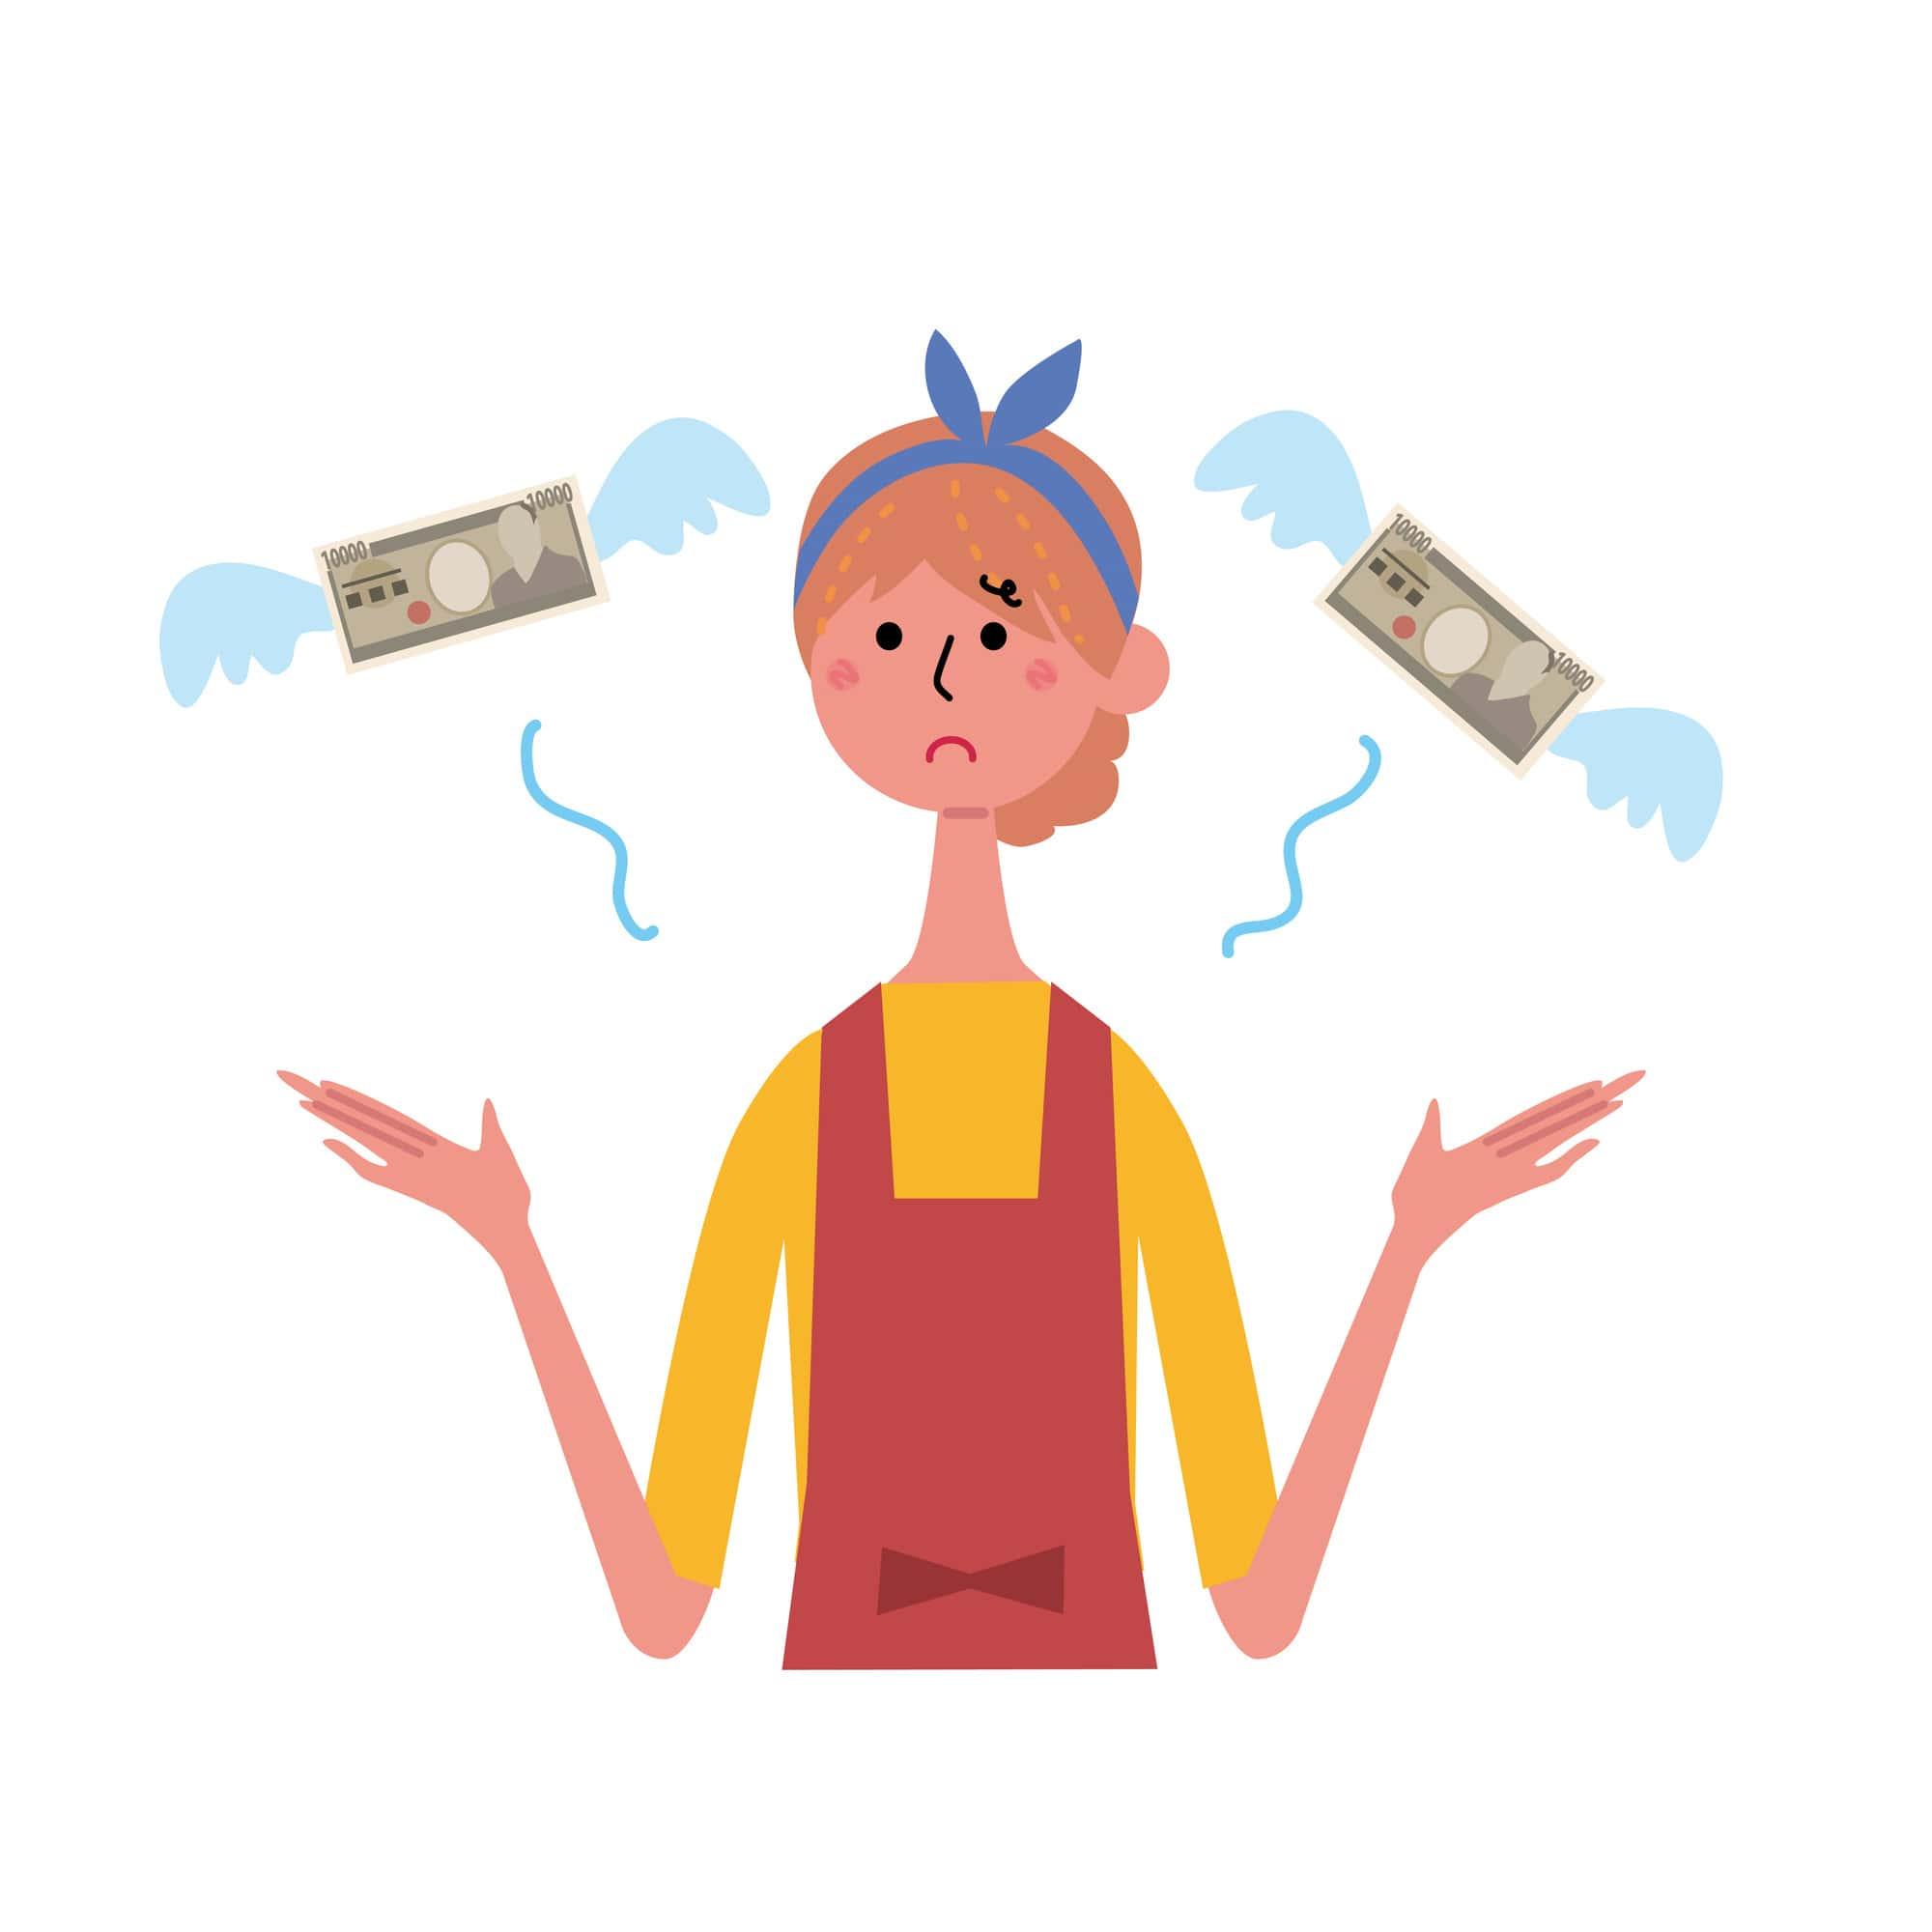 不用品回収の追加料金トラブルに注意 | オプション料金との違い